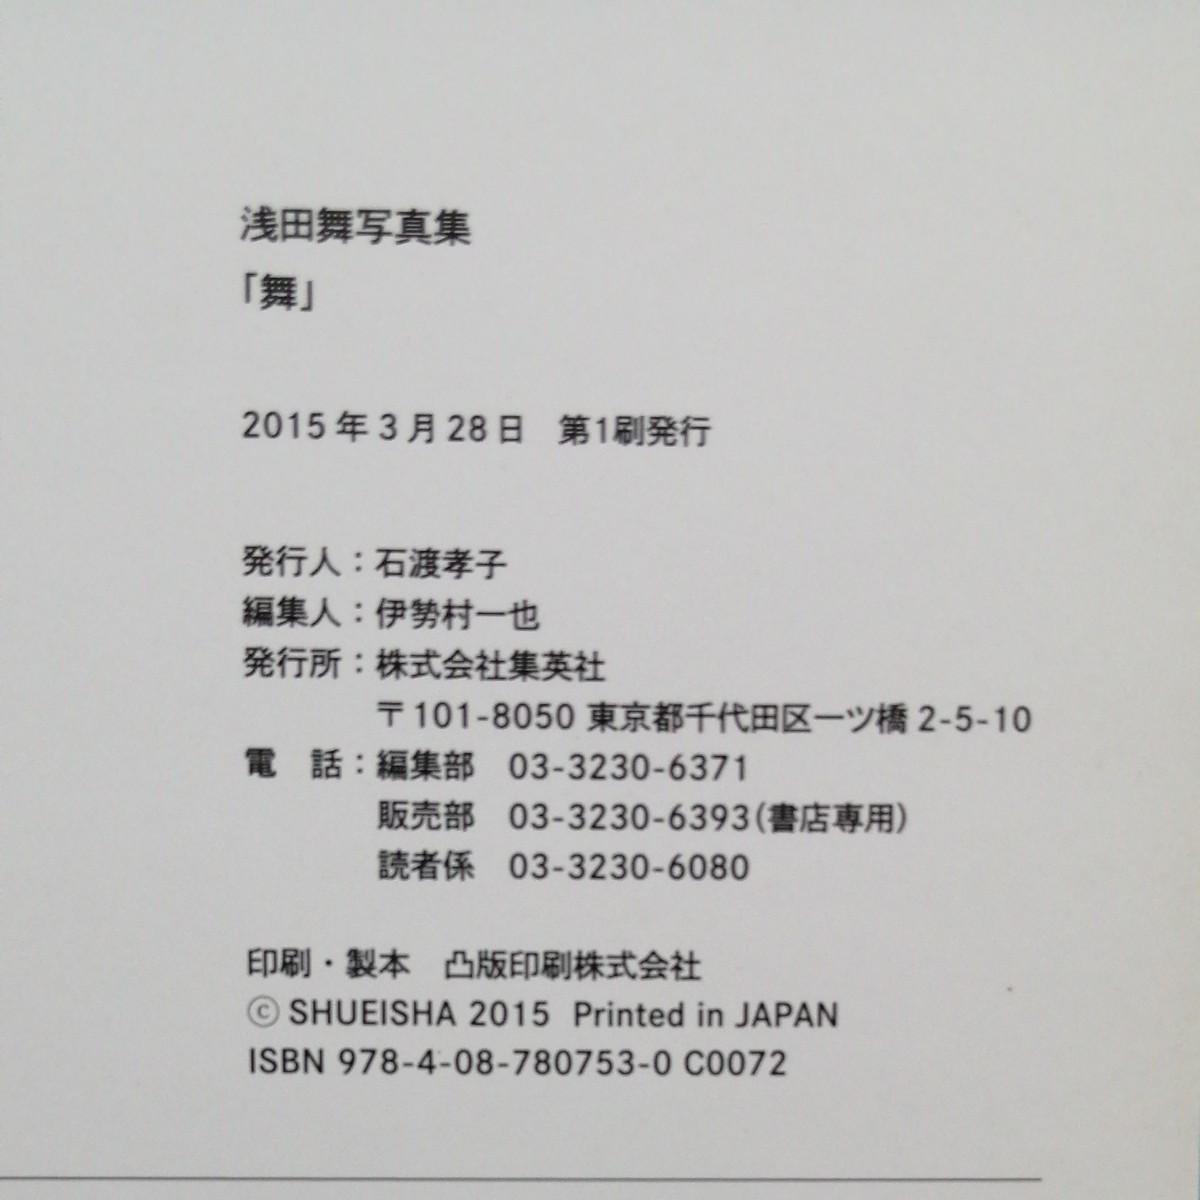 【初版】浅田舞 写真集 舞